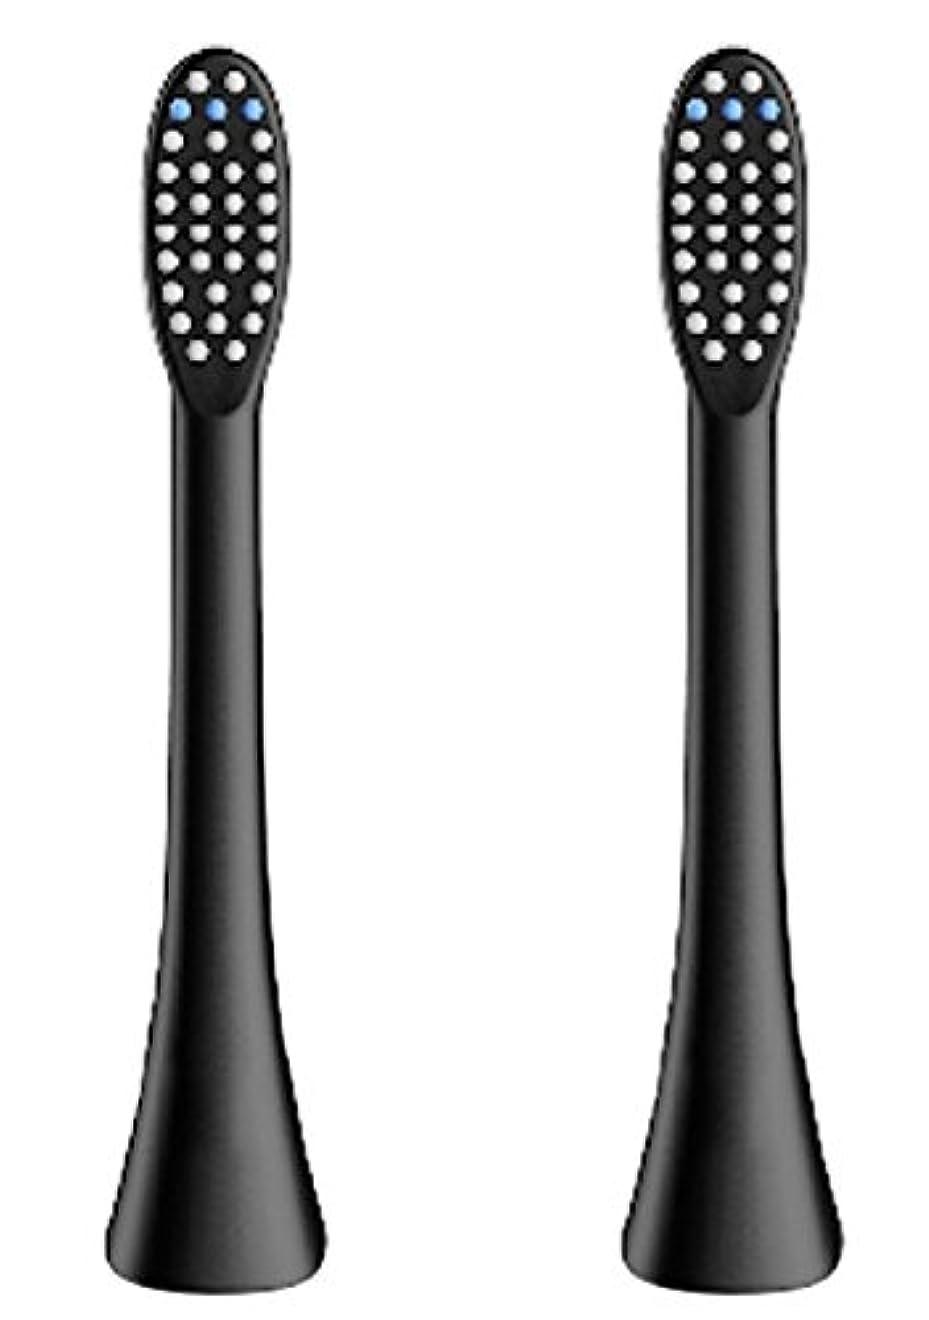 一般化するけん引直面する(正規品)InfinitusValue スマートトラッキング電動歯ブラシ専用替えブラシ レギュラーサイズ 2本組 ブラック IVHB01BBR2